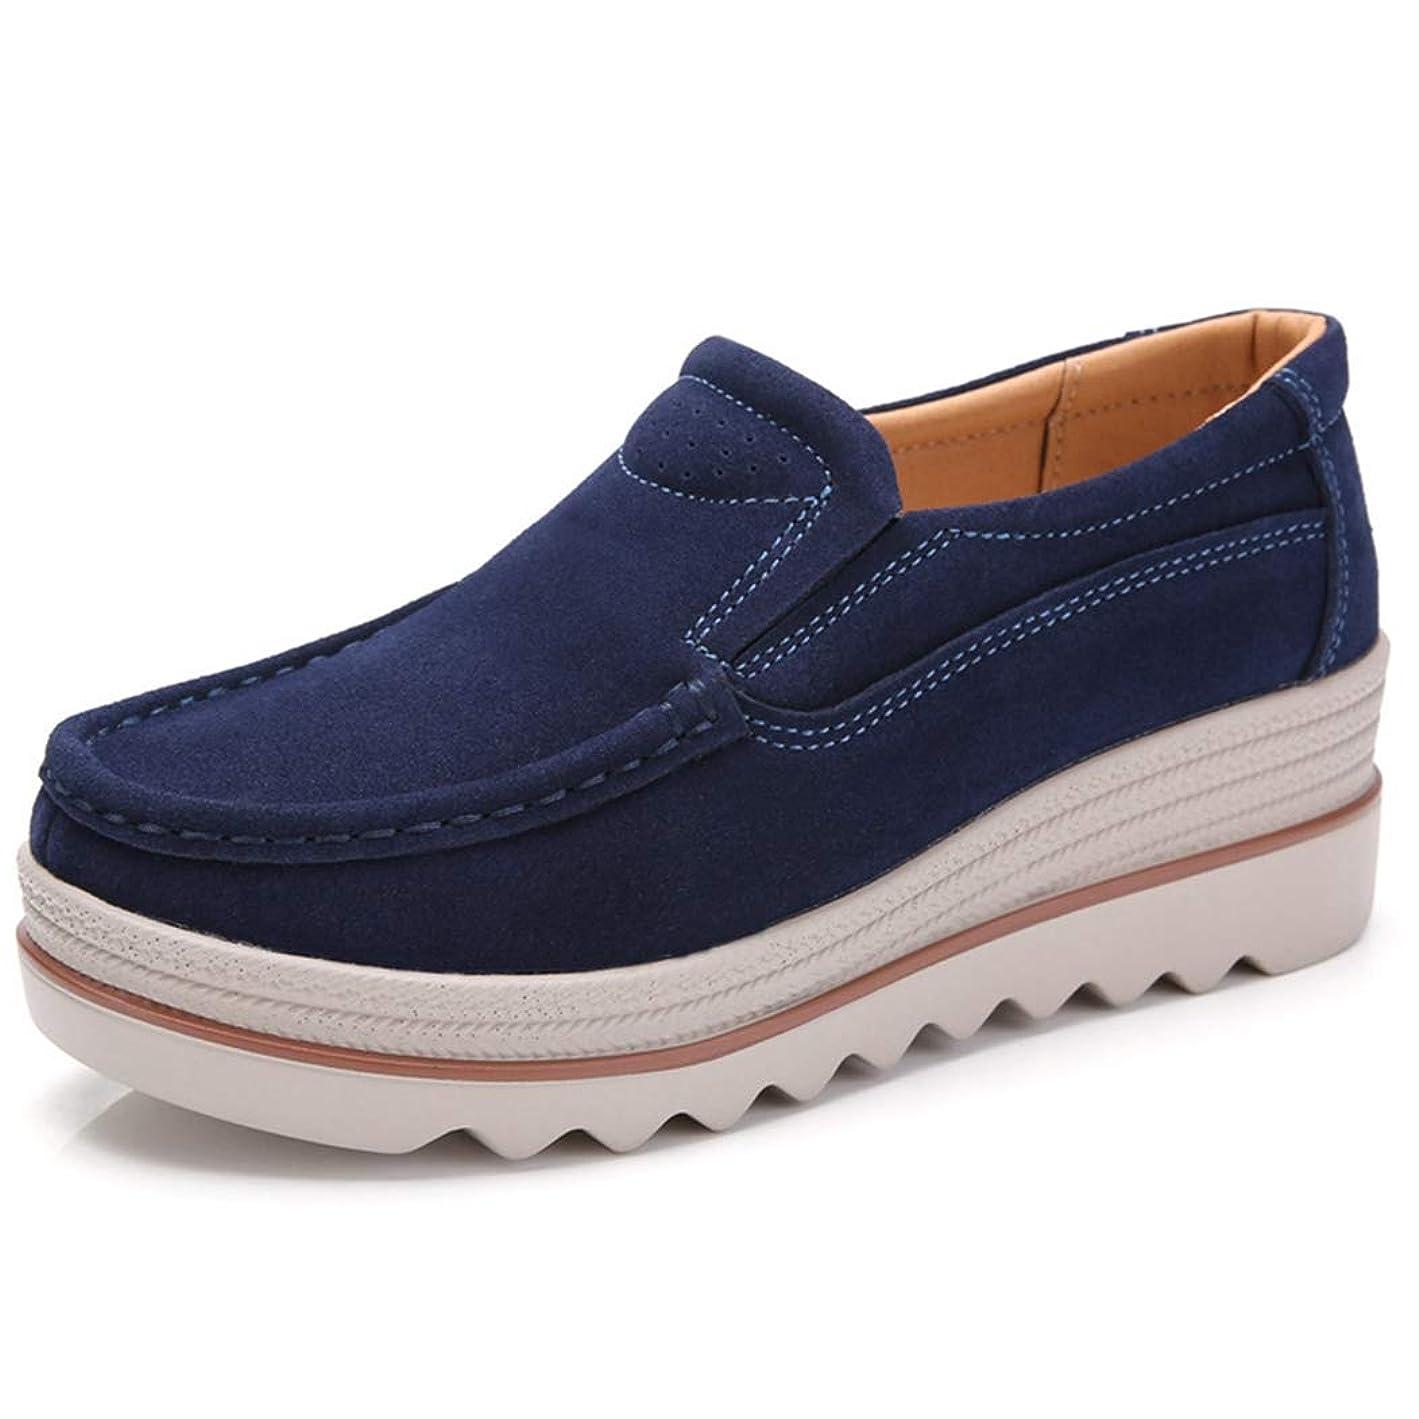 浮くさわやか大声で[WOOYOO] 厚底靴 モカシン レディース カジュアルシューズ スリッポン スエード 5.5cmアップ 軽量 ナースシューズ ウォーキング 履きやすい 婦人靴 作業靴 スニーカー 通勤 防滑 ブラック